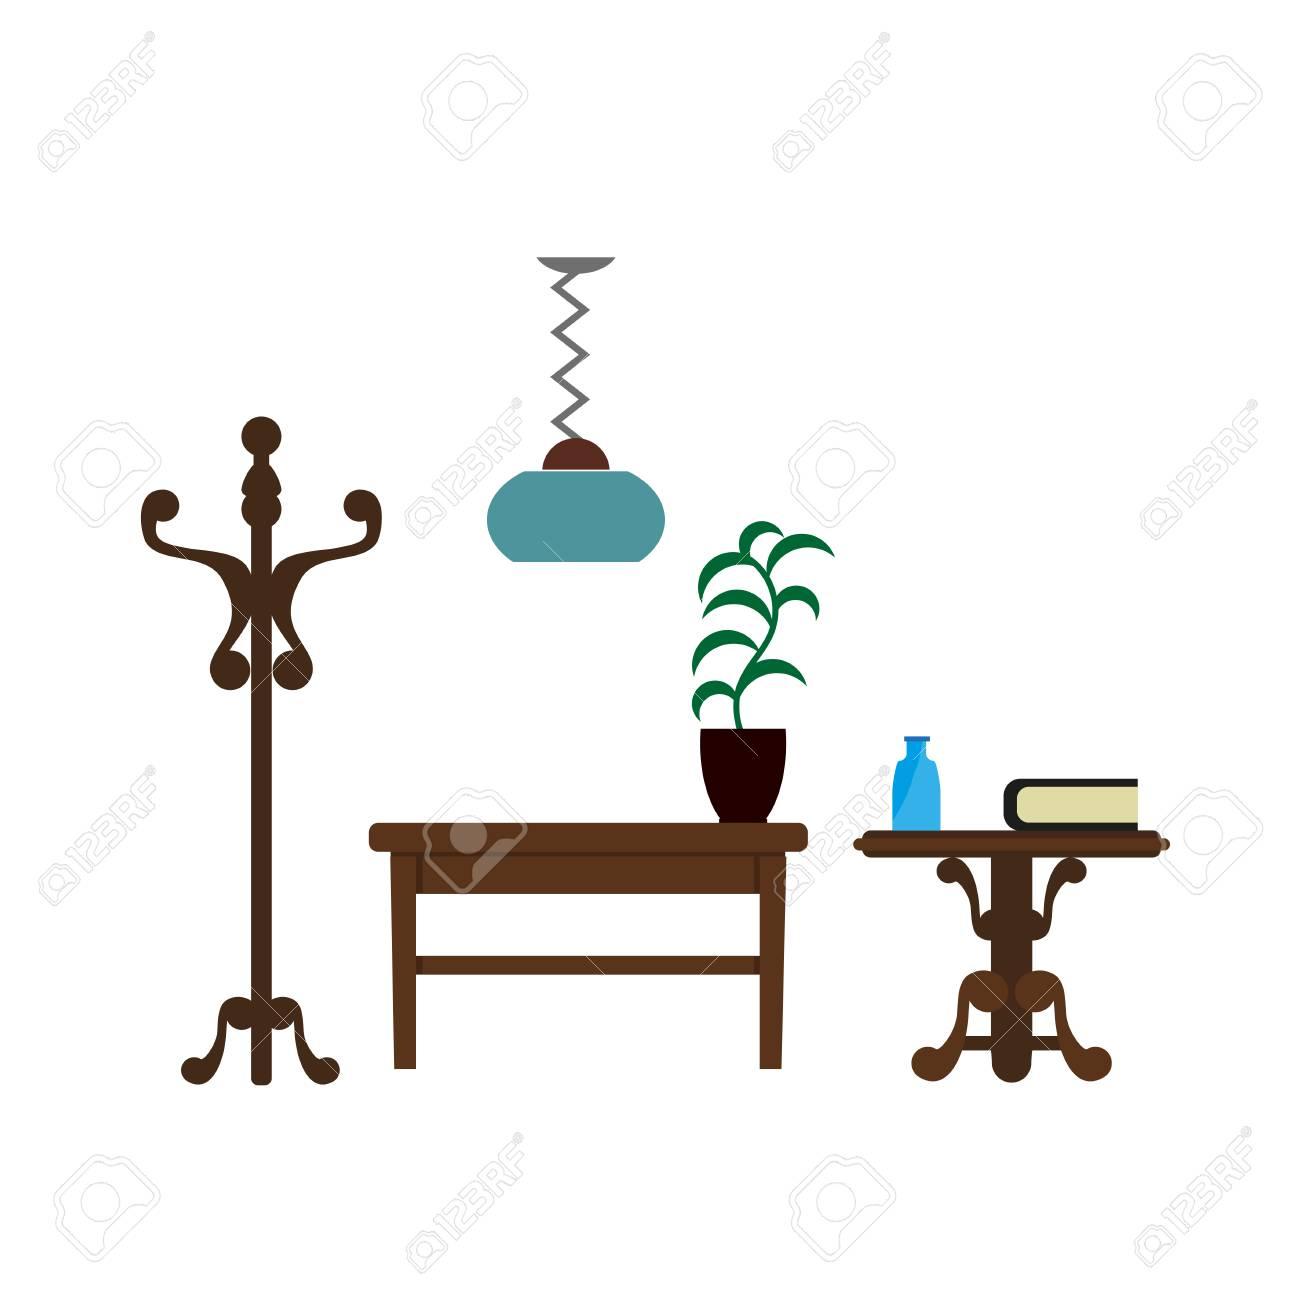 Mobel Mobel Wohnzimmer Lampe Kleiderbugel Und Tisch Vektor Flache